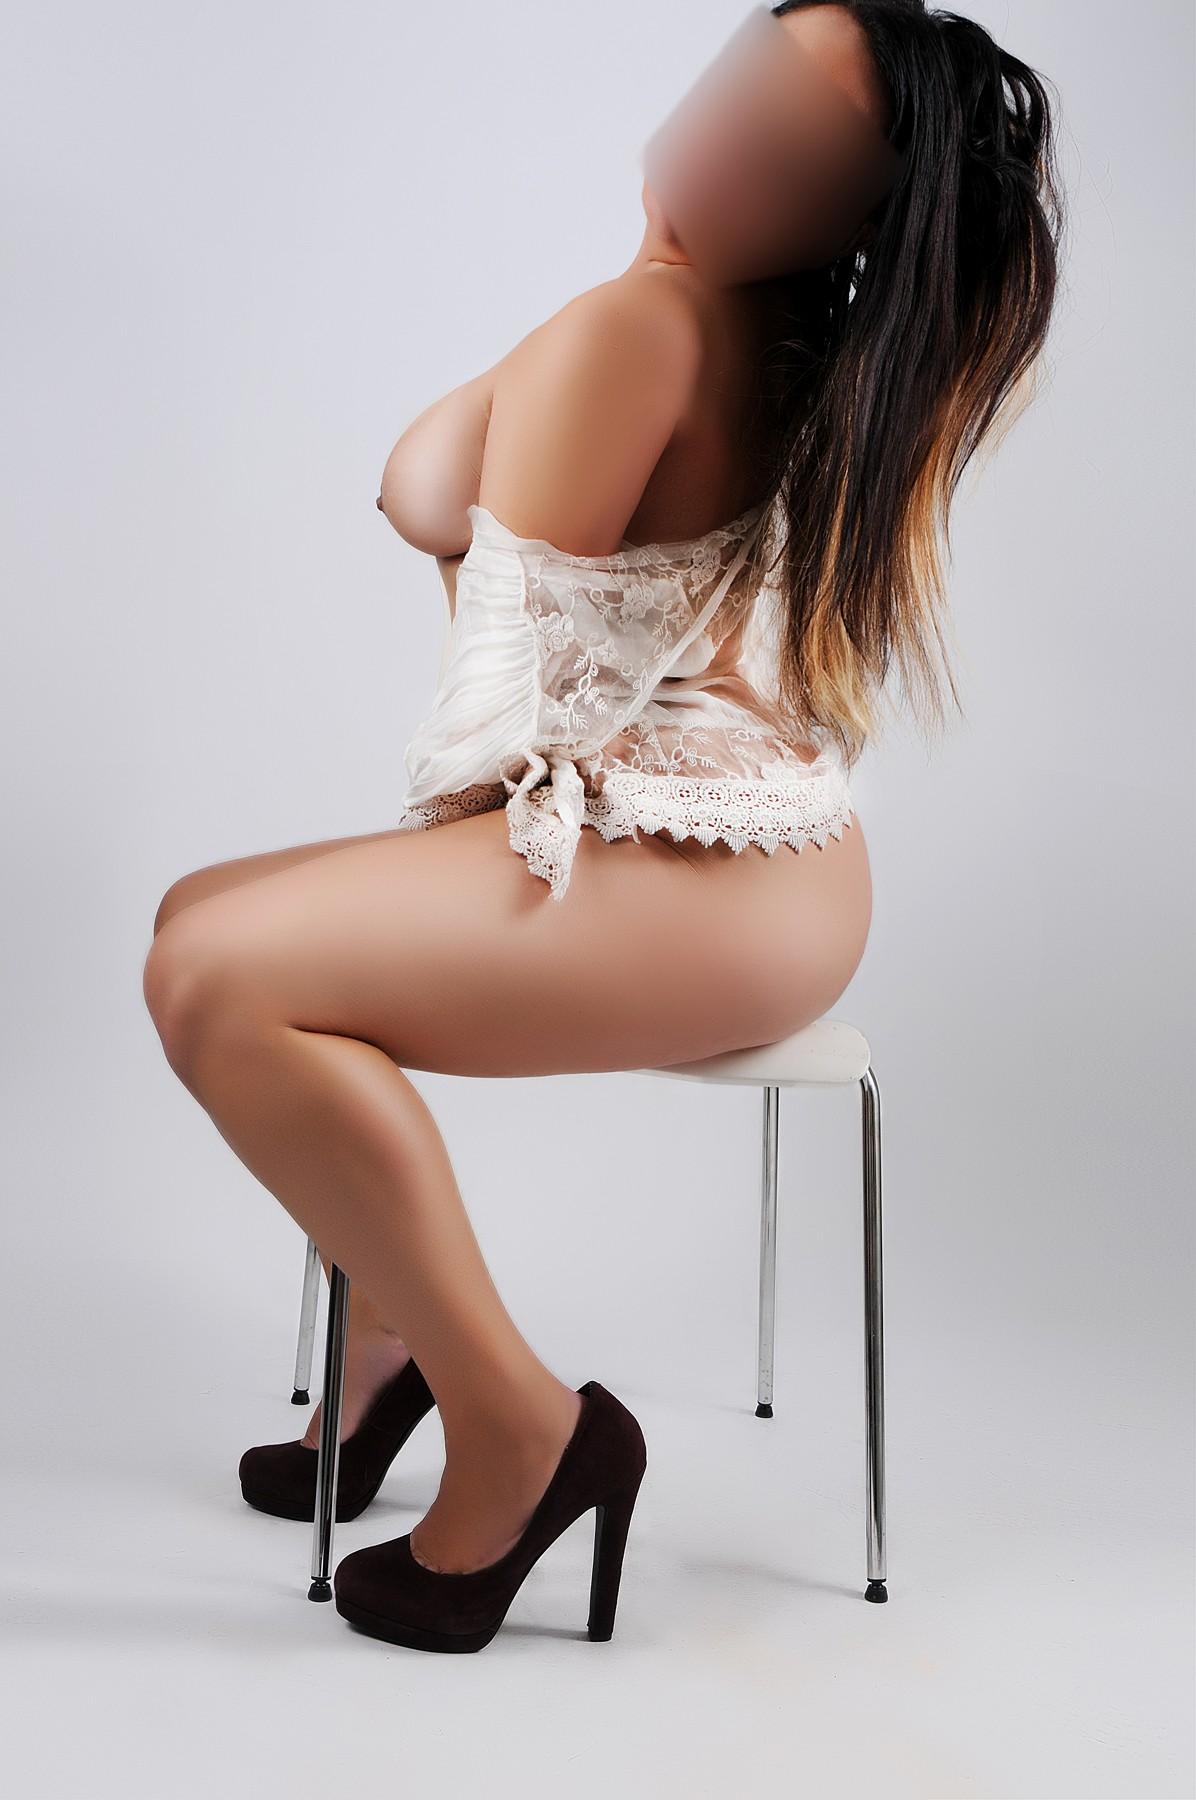 Laura_Fanta-46